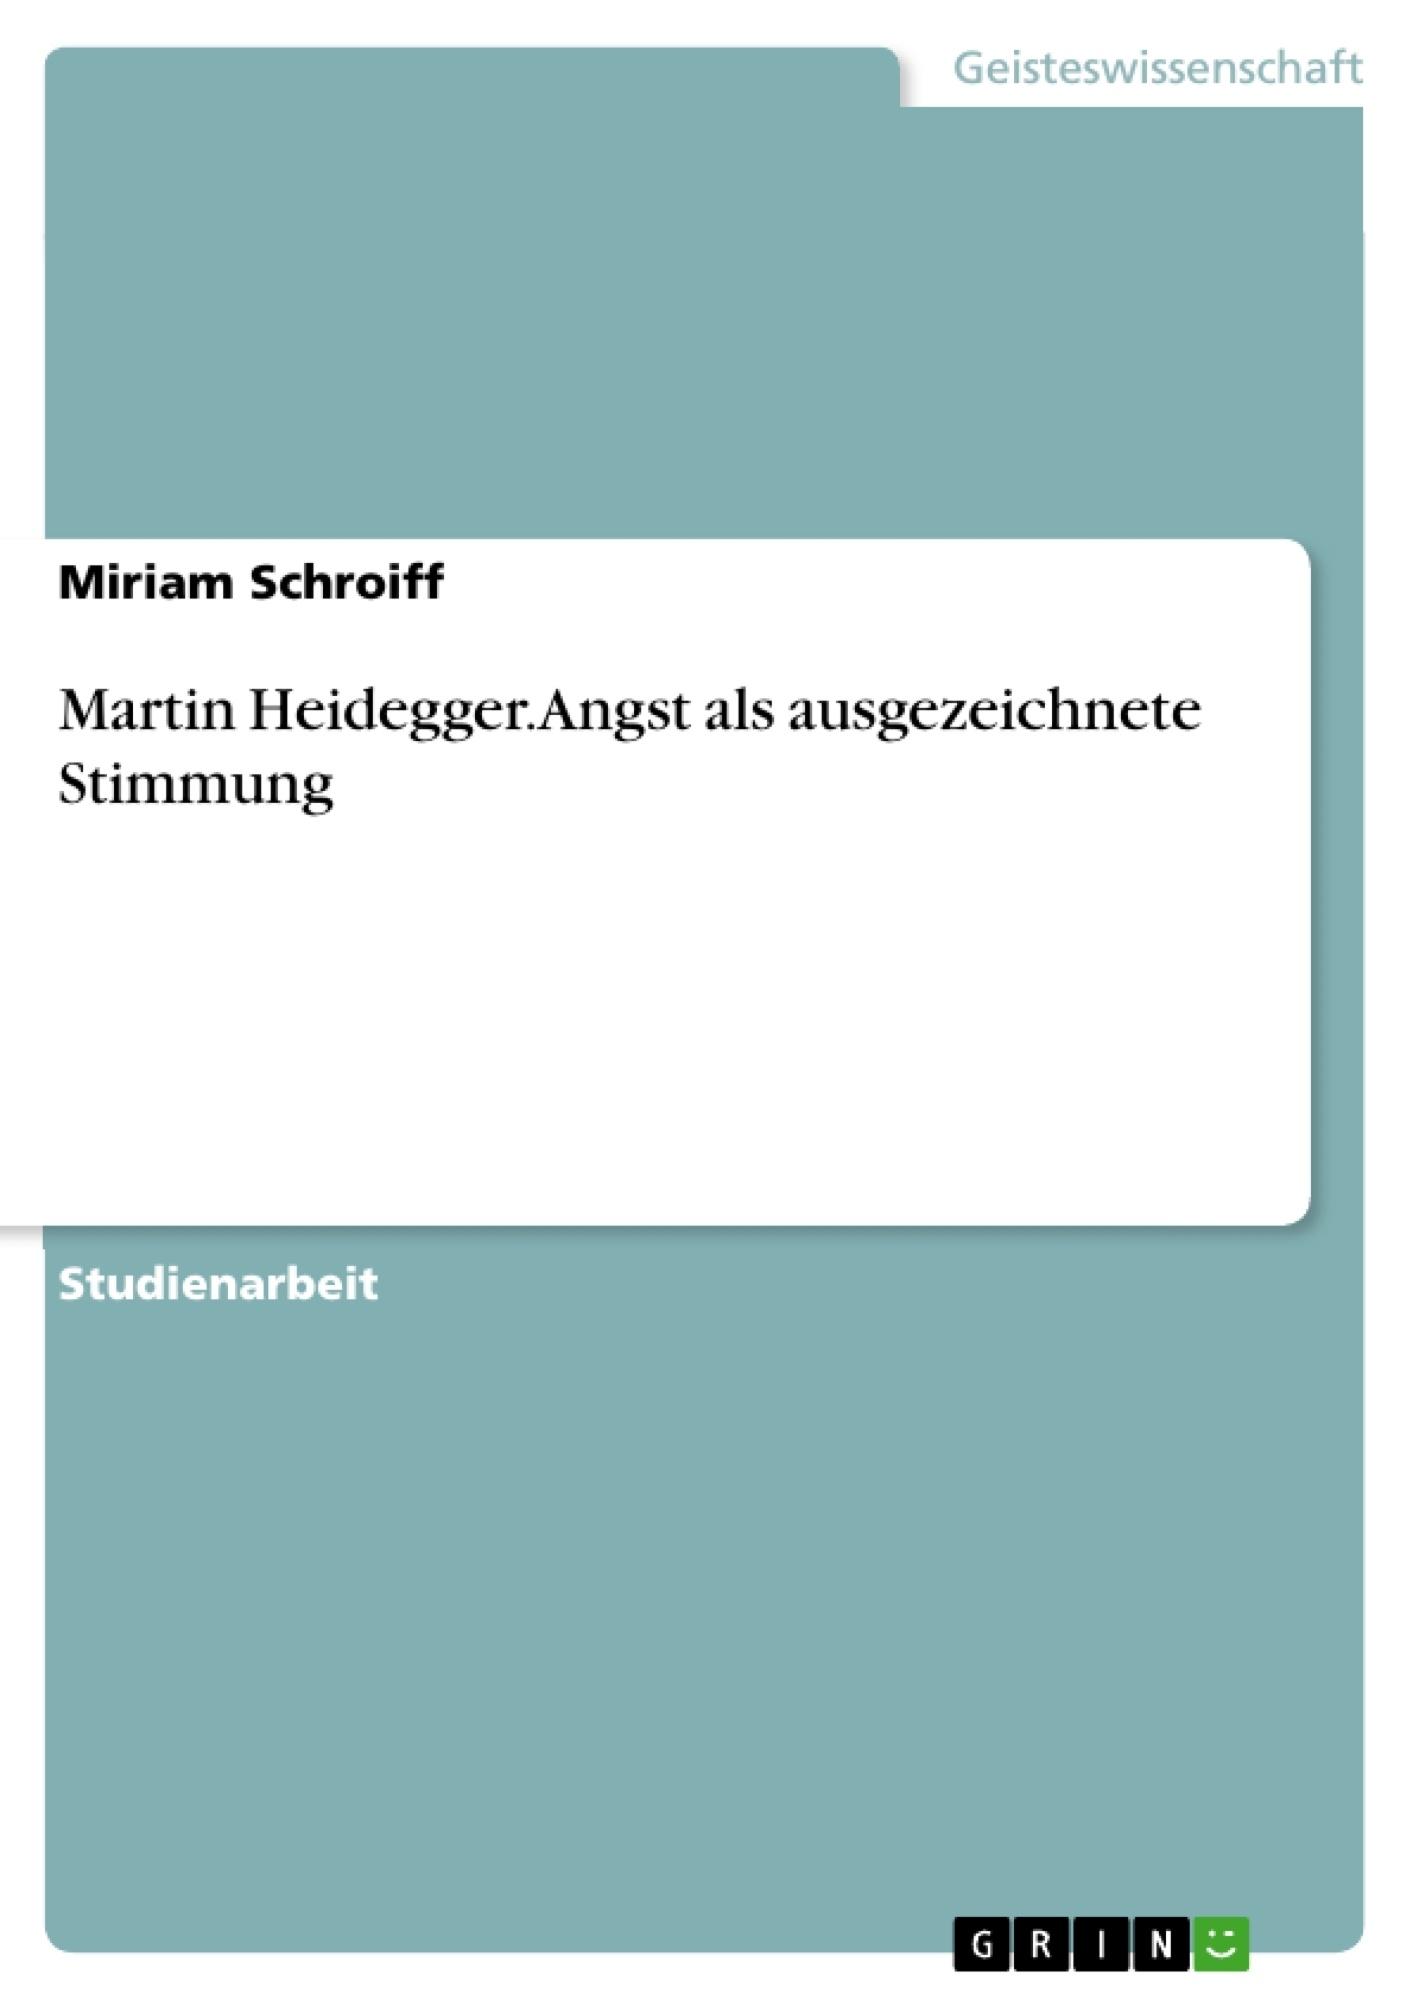 Titel: Martin Heidegger. Angst als ausgezeichnete Stimmung